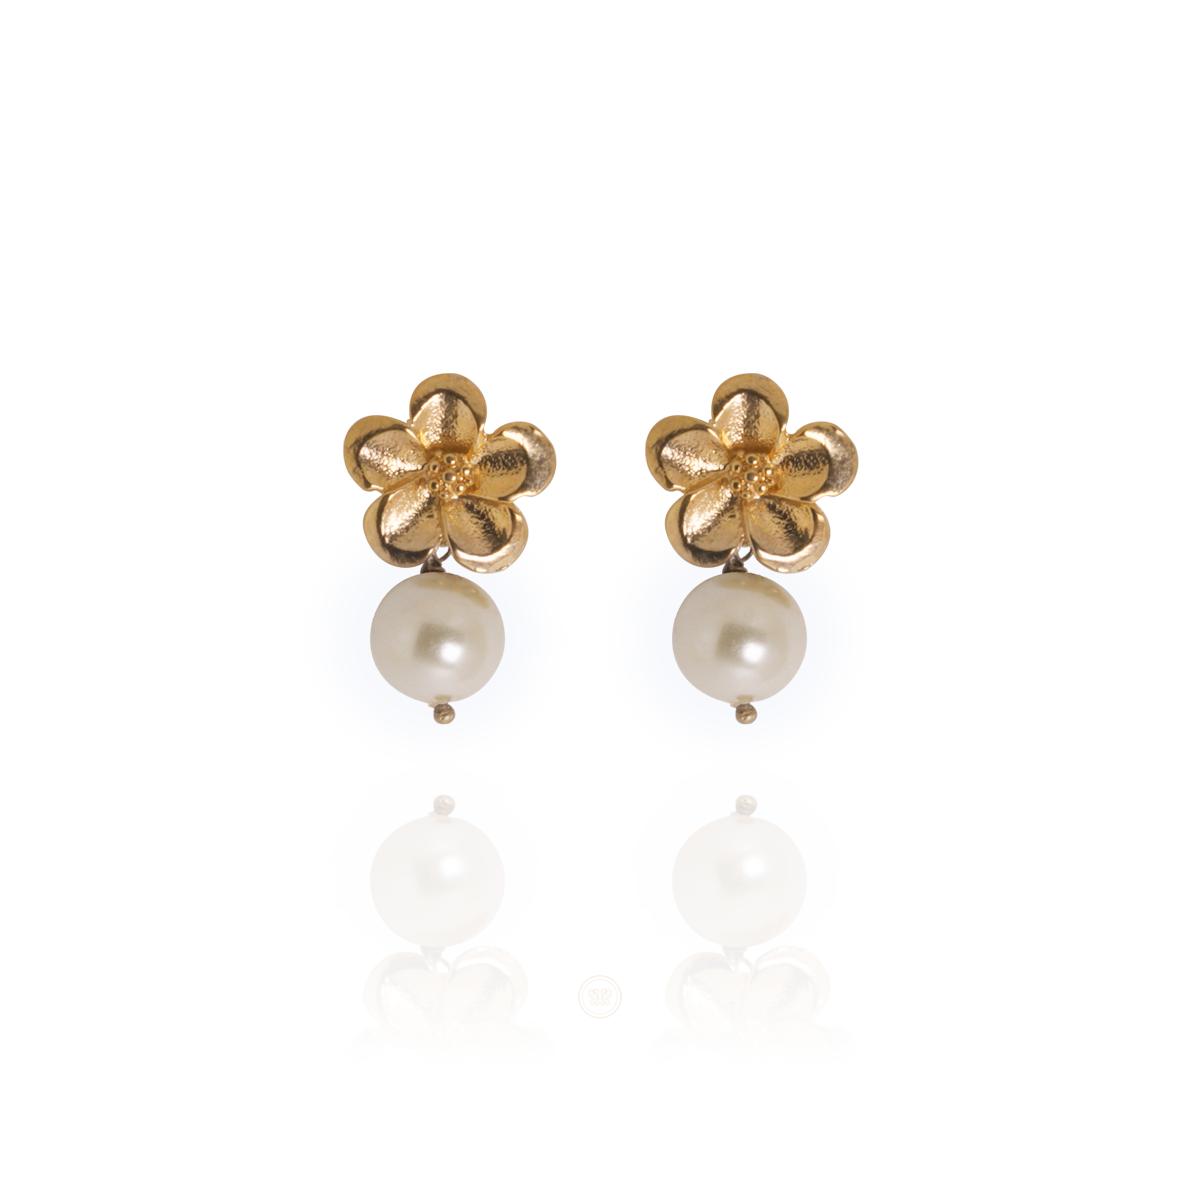 Brinco Barbara Strauss Semi Joia Mênfis Em Pérola Lalique, Rev. Em Ouro Amarelo 18K